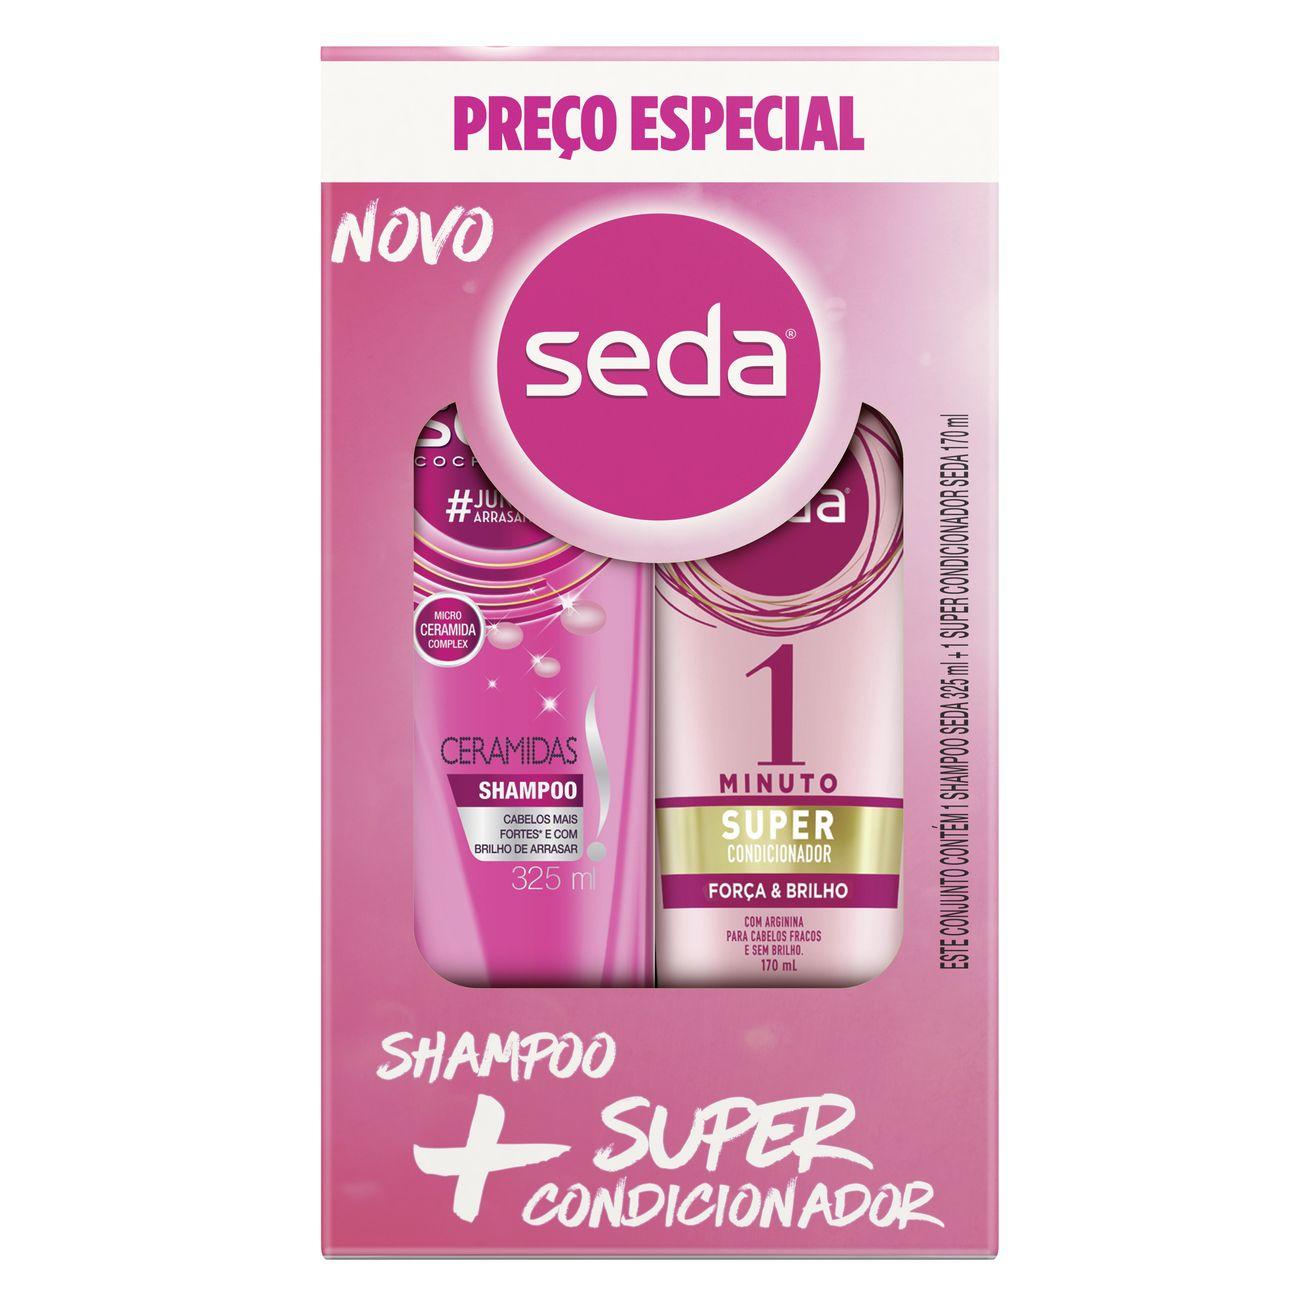 Oferta Seda Shampoo Ceramidas 325ml + Super Condicionador Força e Brilho 170ml